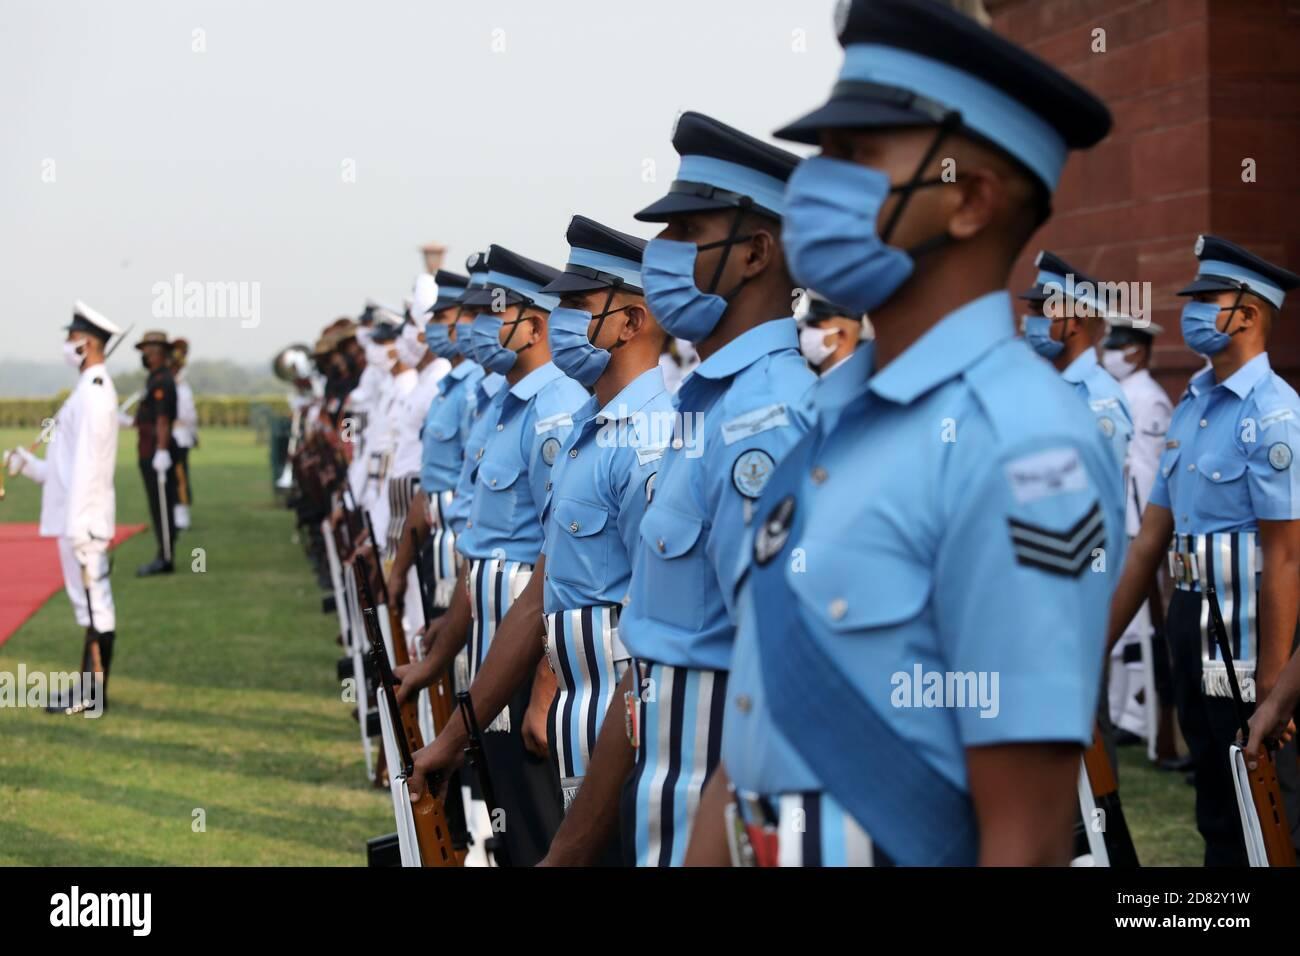 La Armada India (Blanca) y el Ejército (Verdes Olivos) que llevan máscaras faciales participan durante la guardia militar conjunta de honor en la recepción ceremonial del Secretario de Defensa de EE.UU. Mark Esper Foto de stock